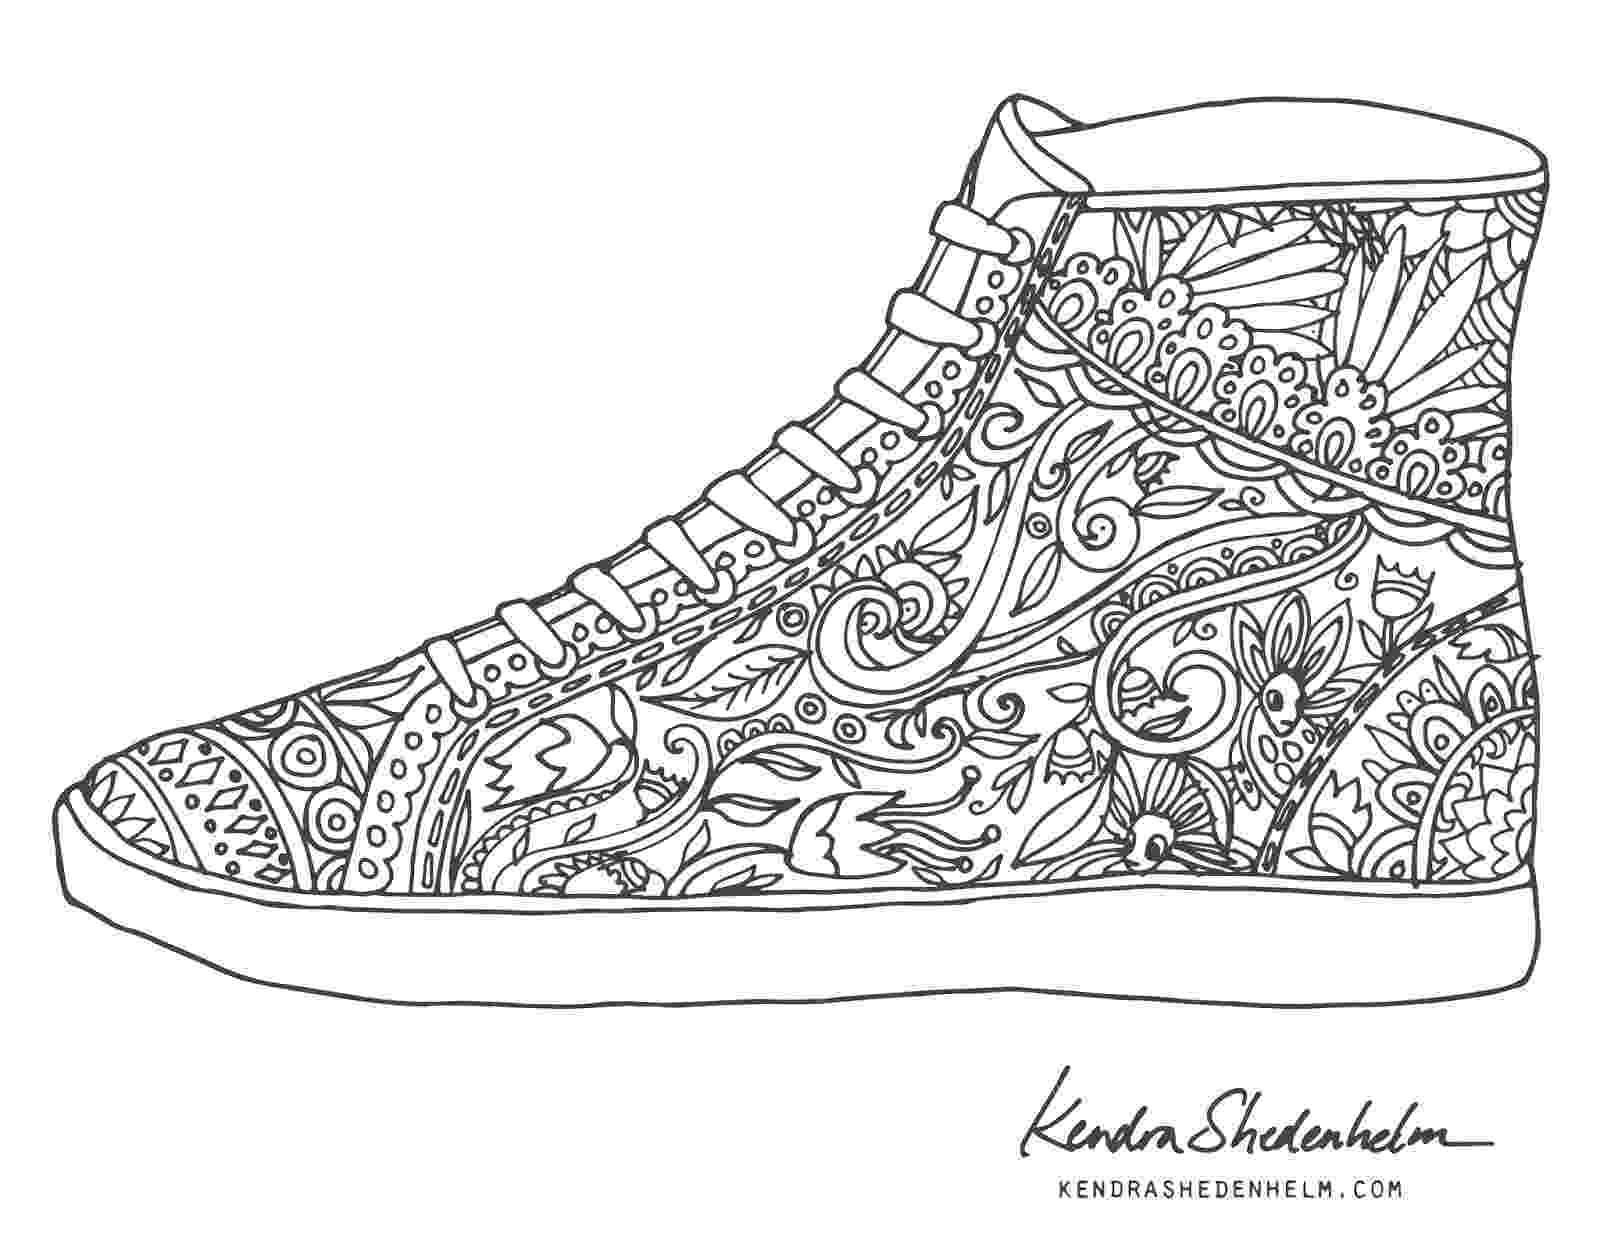 coloring pages shoes jordan shoes coloring pages coloring home pages shoes coloring